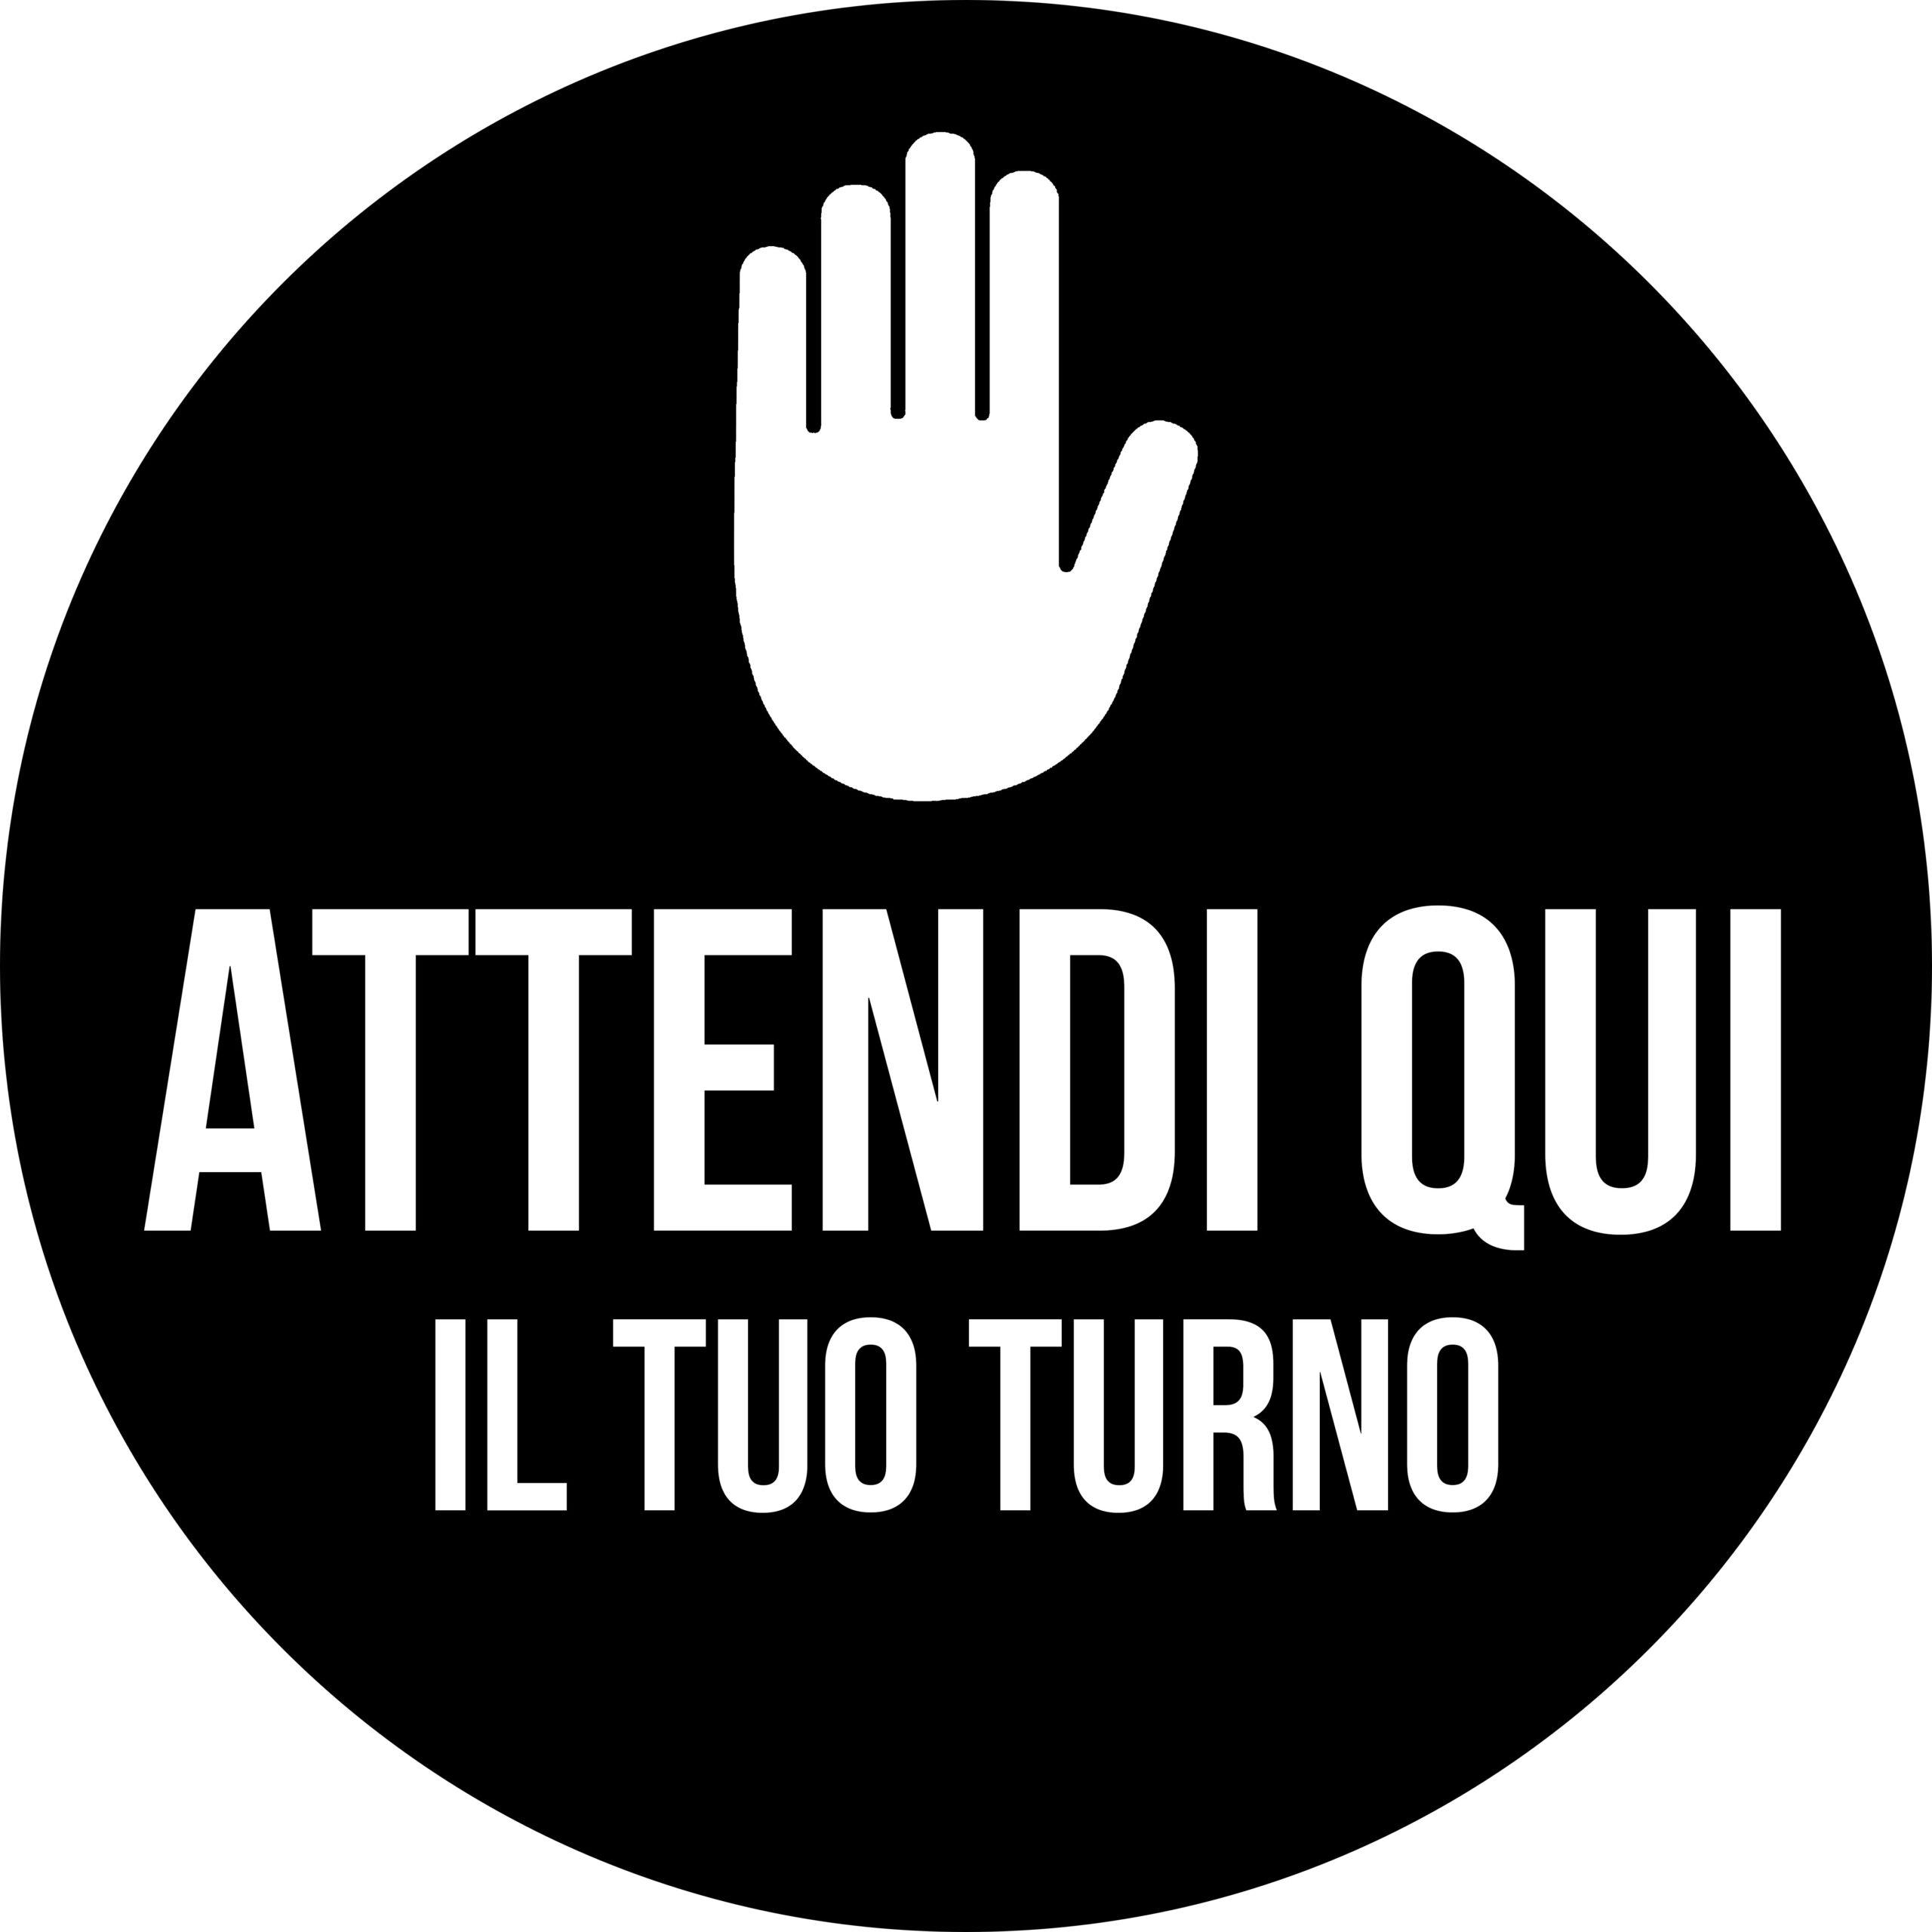 Adesivo Tondo - Attendi il tuo turno Nero